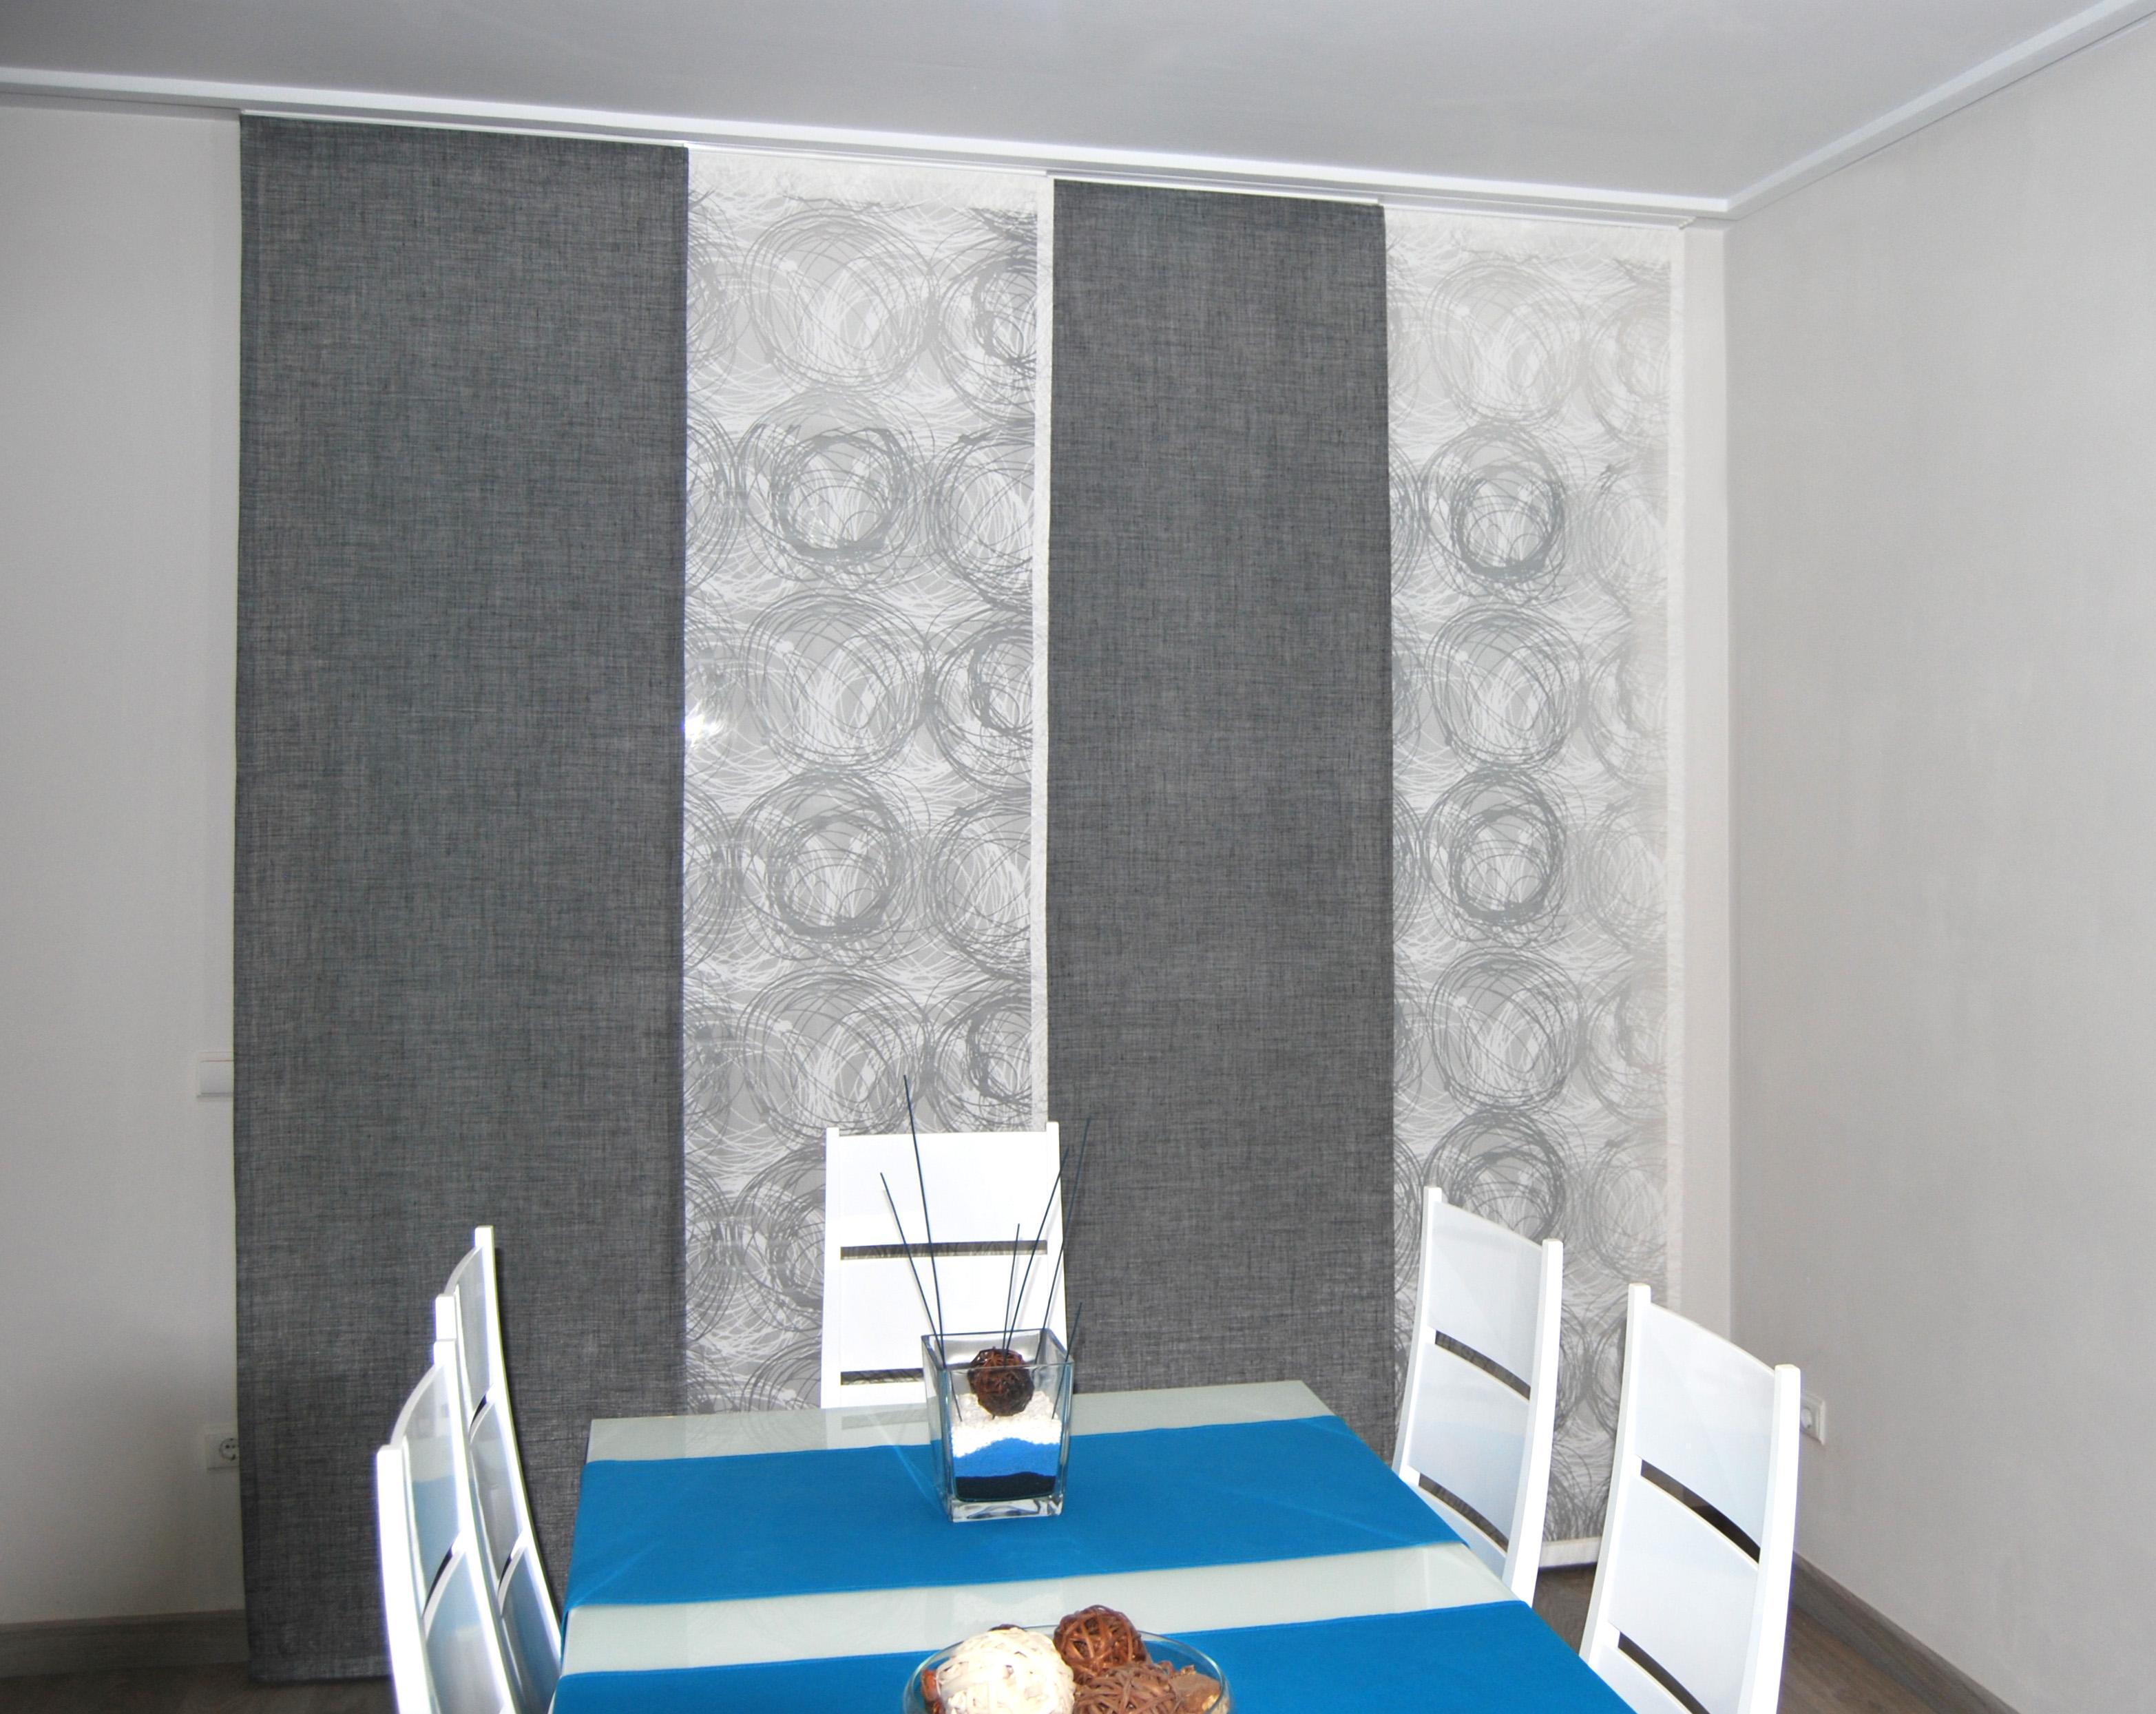 Paneles japoneses de otros tejidos la dama decoraci n - Tela para panel japones ...